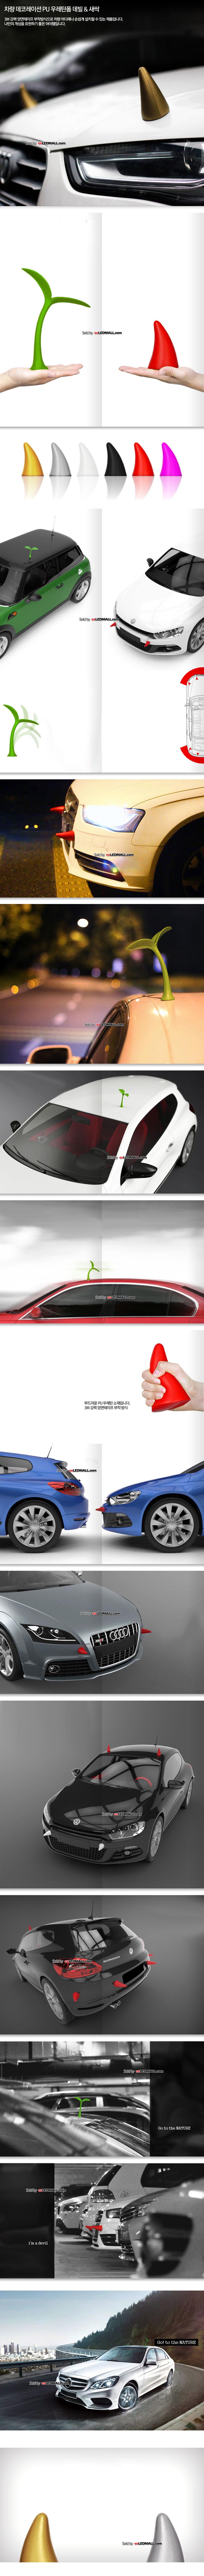 차량 데코레이션 PU 우레탄폼 데빌(악마뿔) & 새싹